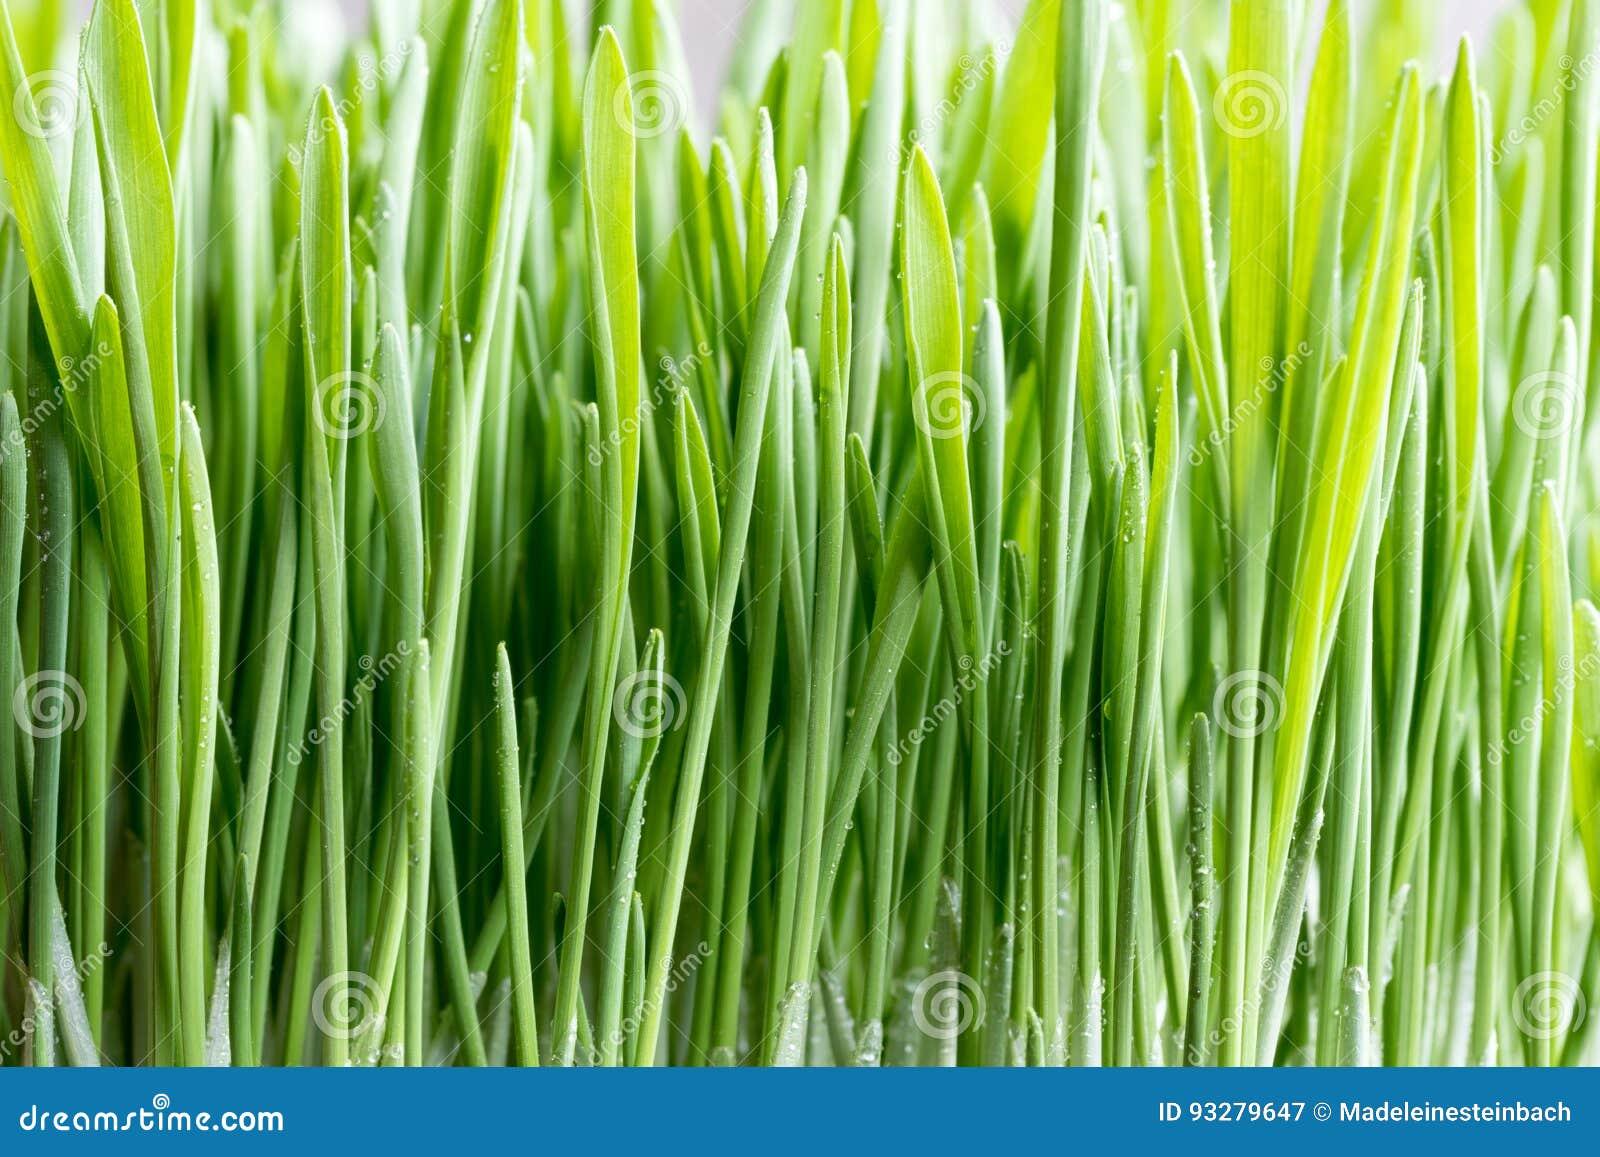 Νέα πράσινη ανάπτυξη χλόης κριθαριού στο χώμα